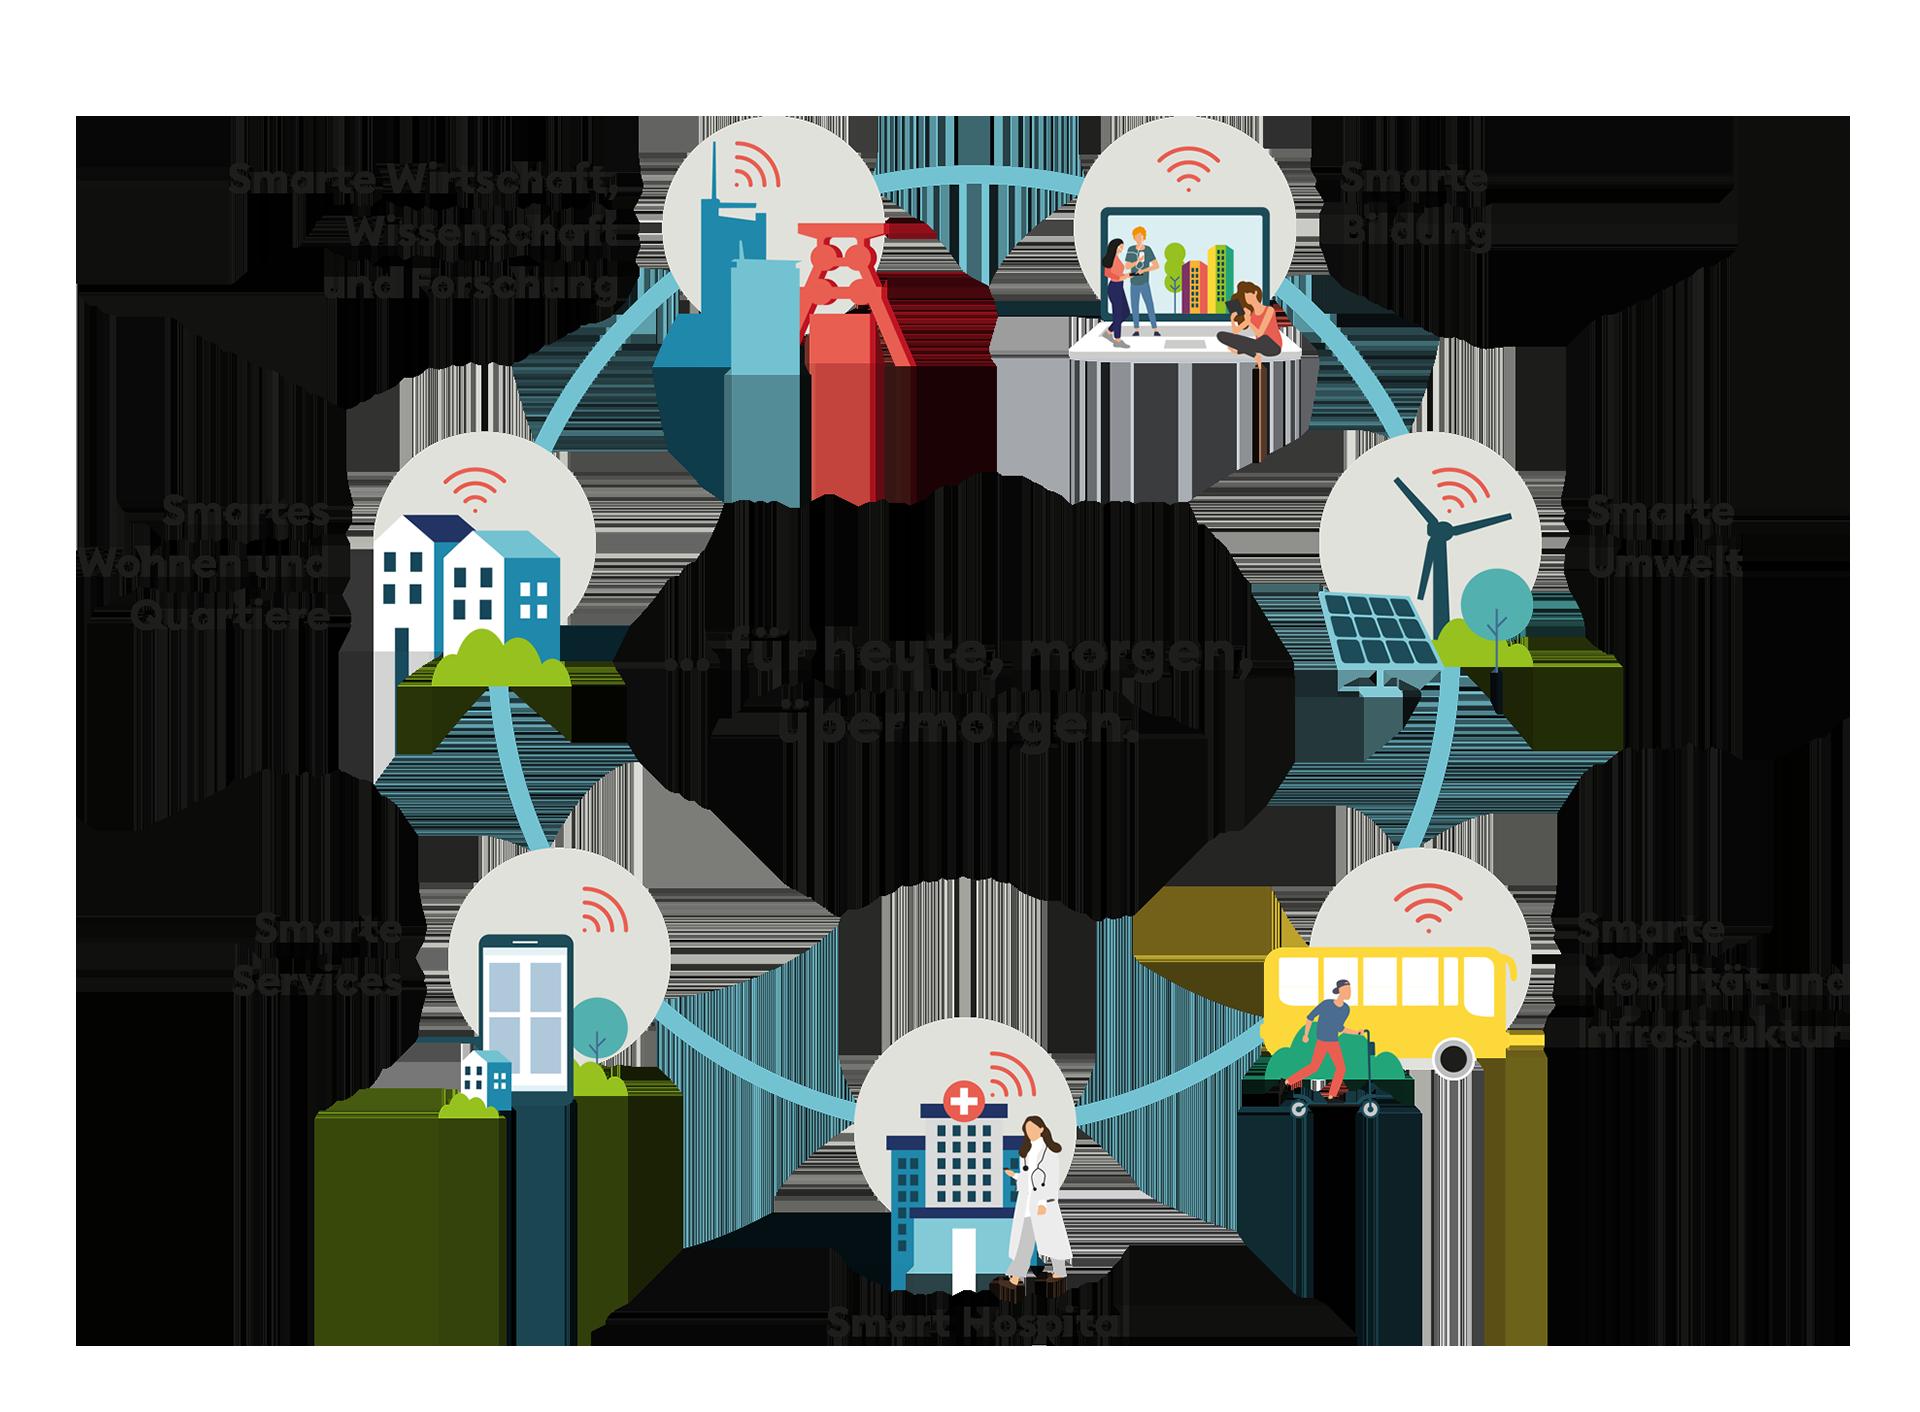 Grafik: Handlungsfelder für die Entwicklung der Stadt Essen zur Smart City